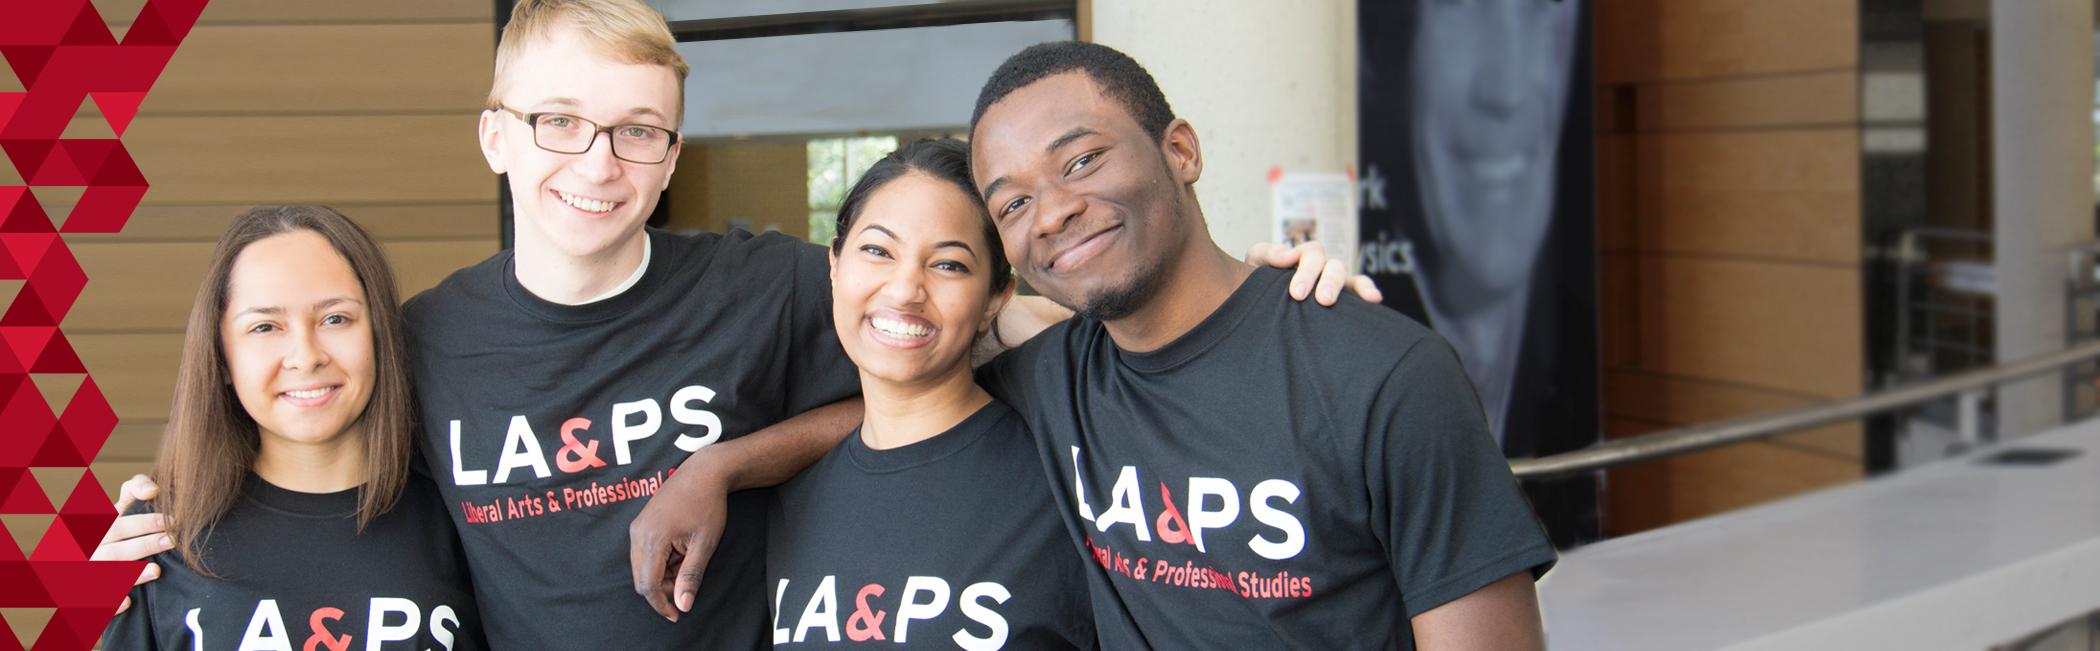 4 LA&PS Students